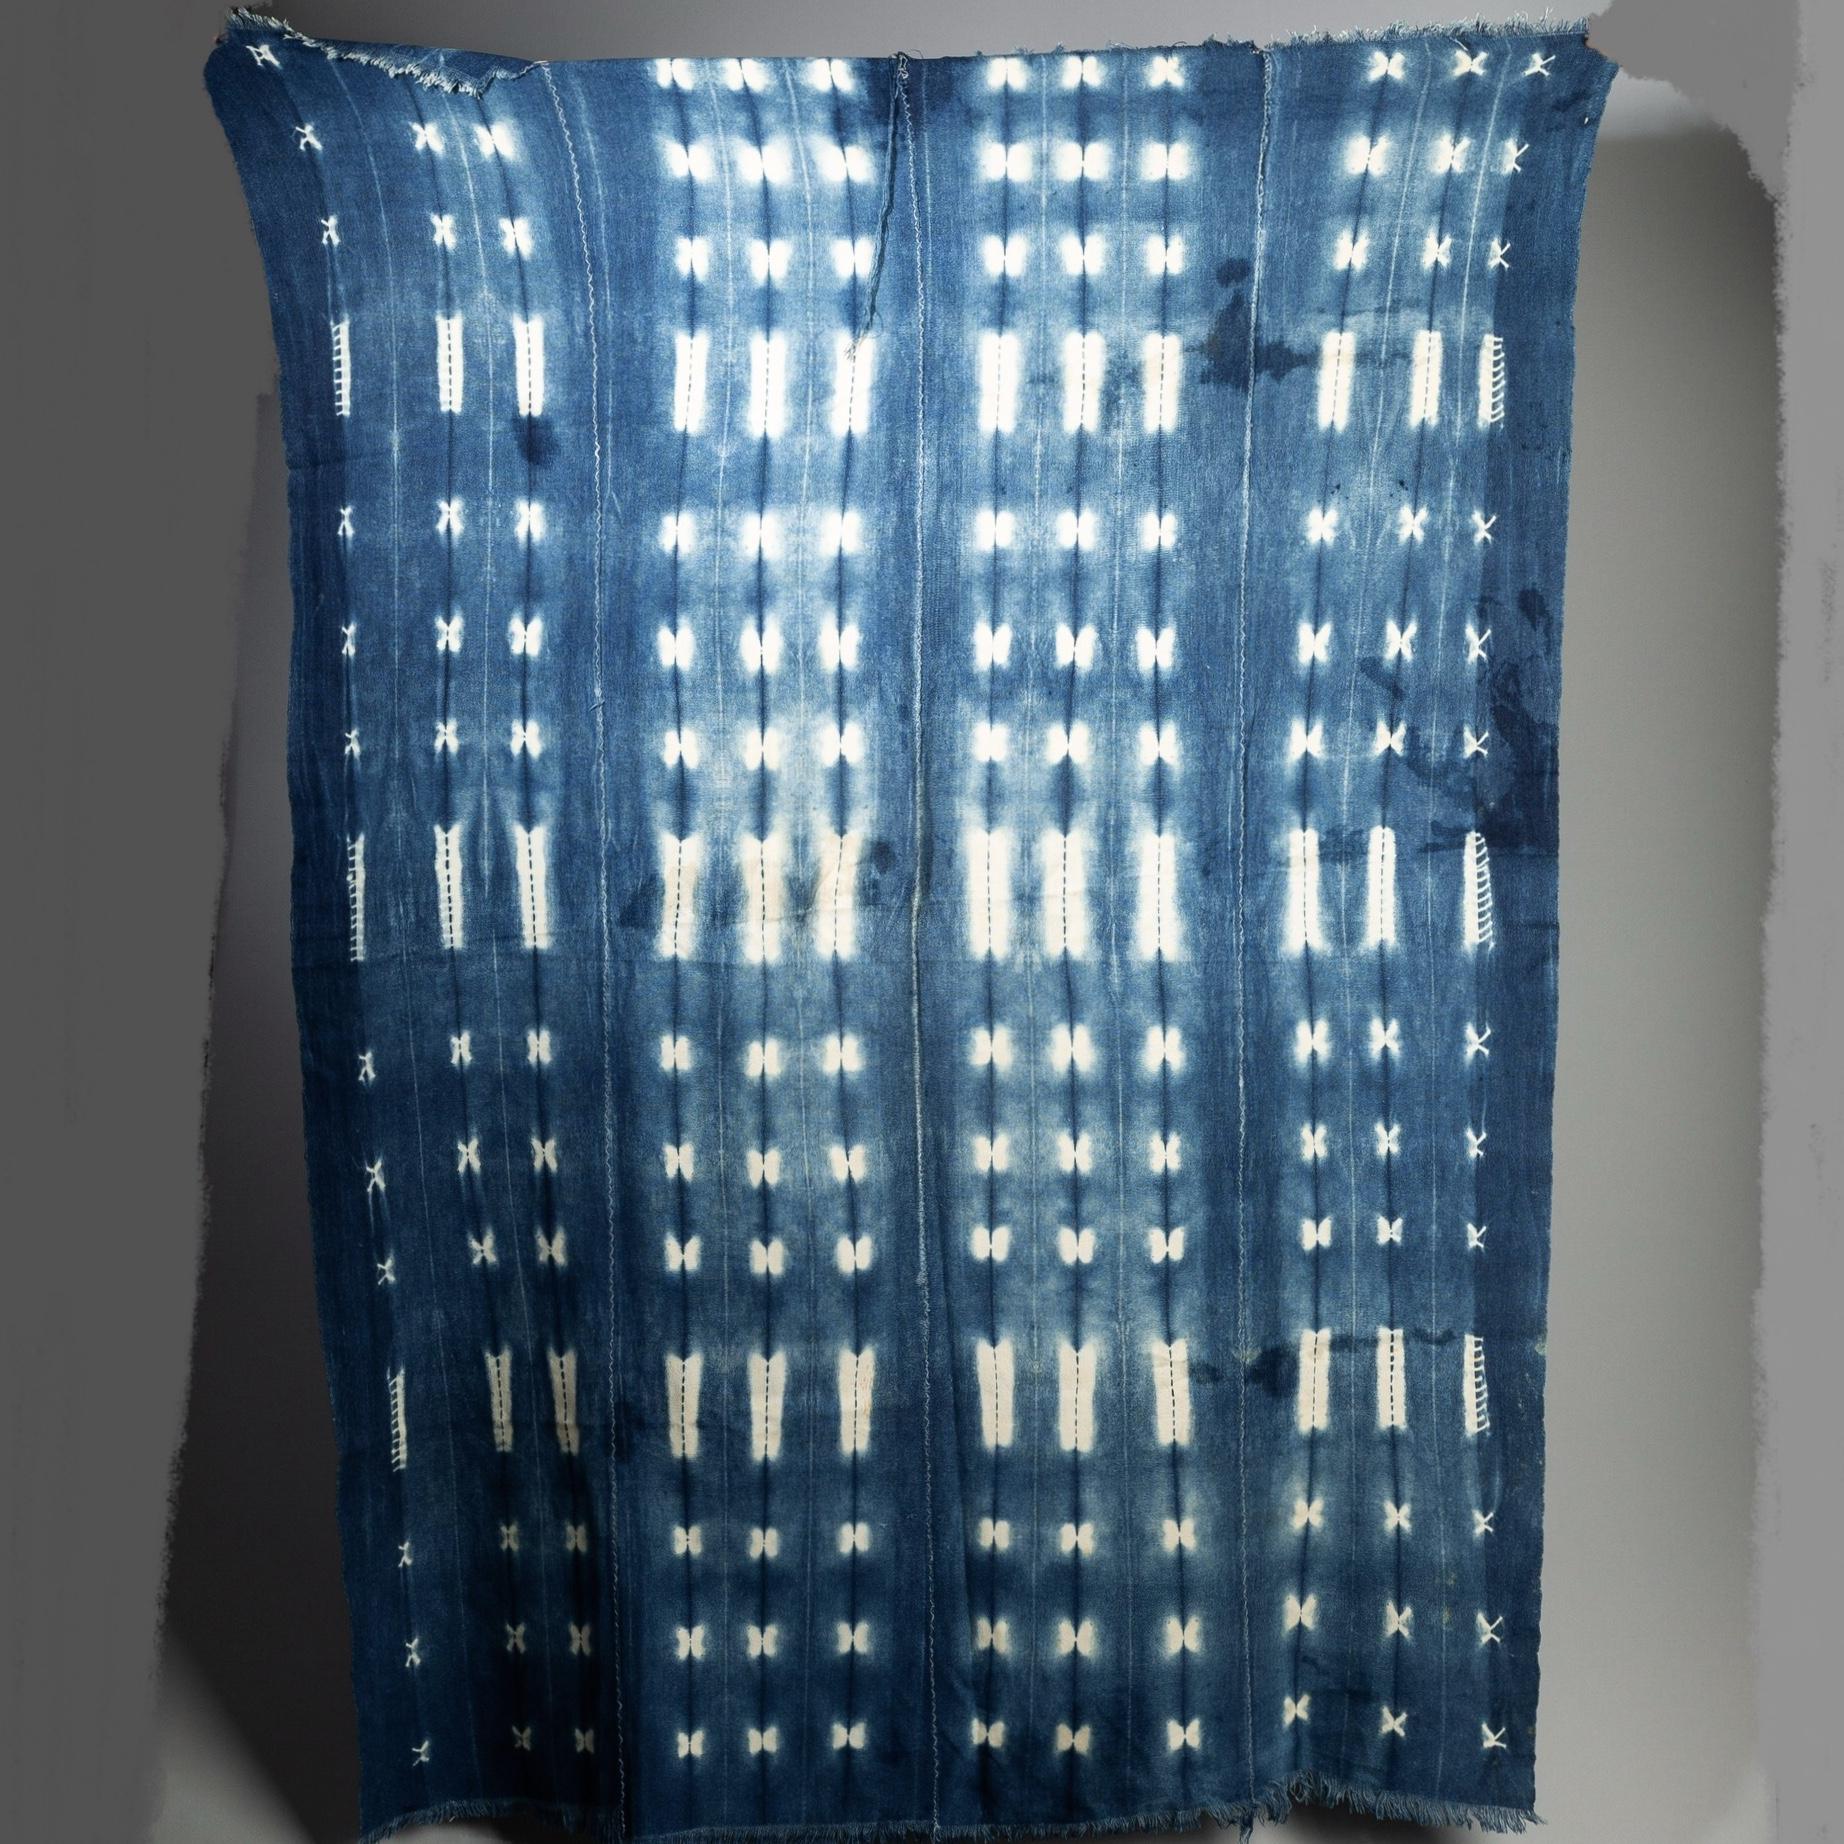 A PRETTY MOSSI CLOTH FROM BURKINA FASO ( No 3180 )